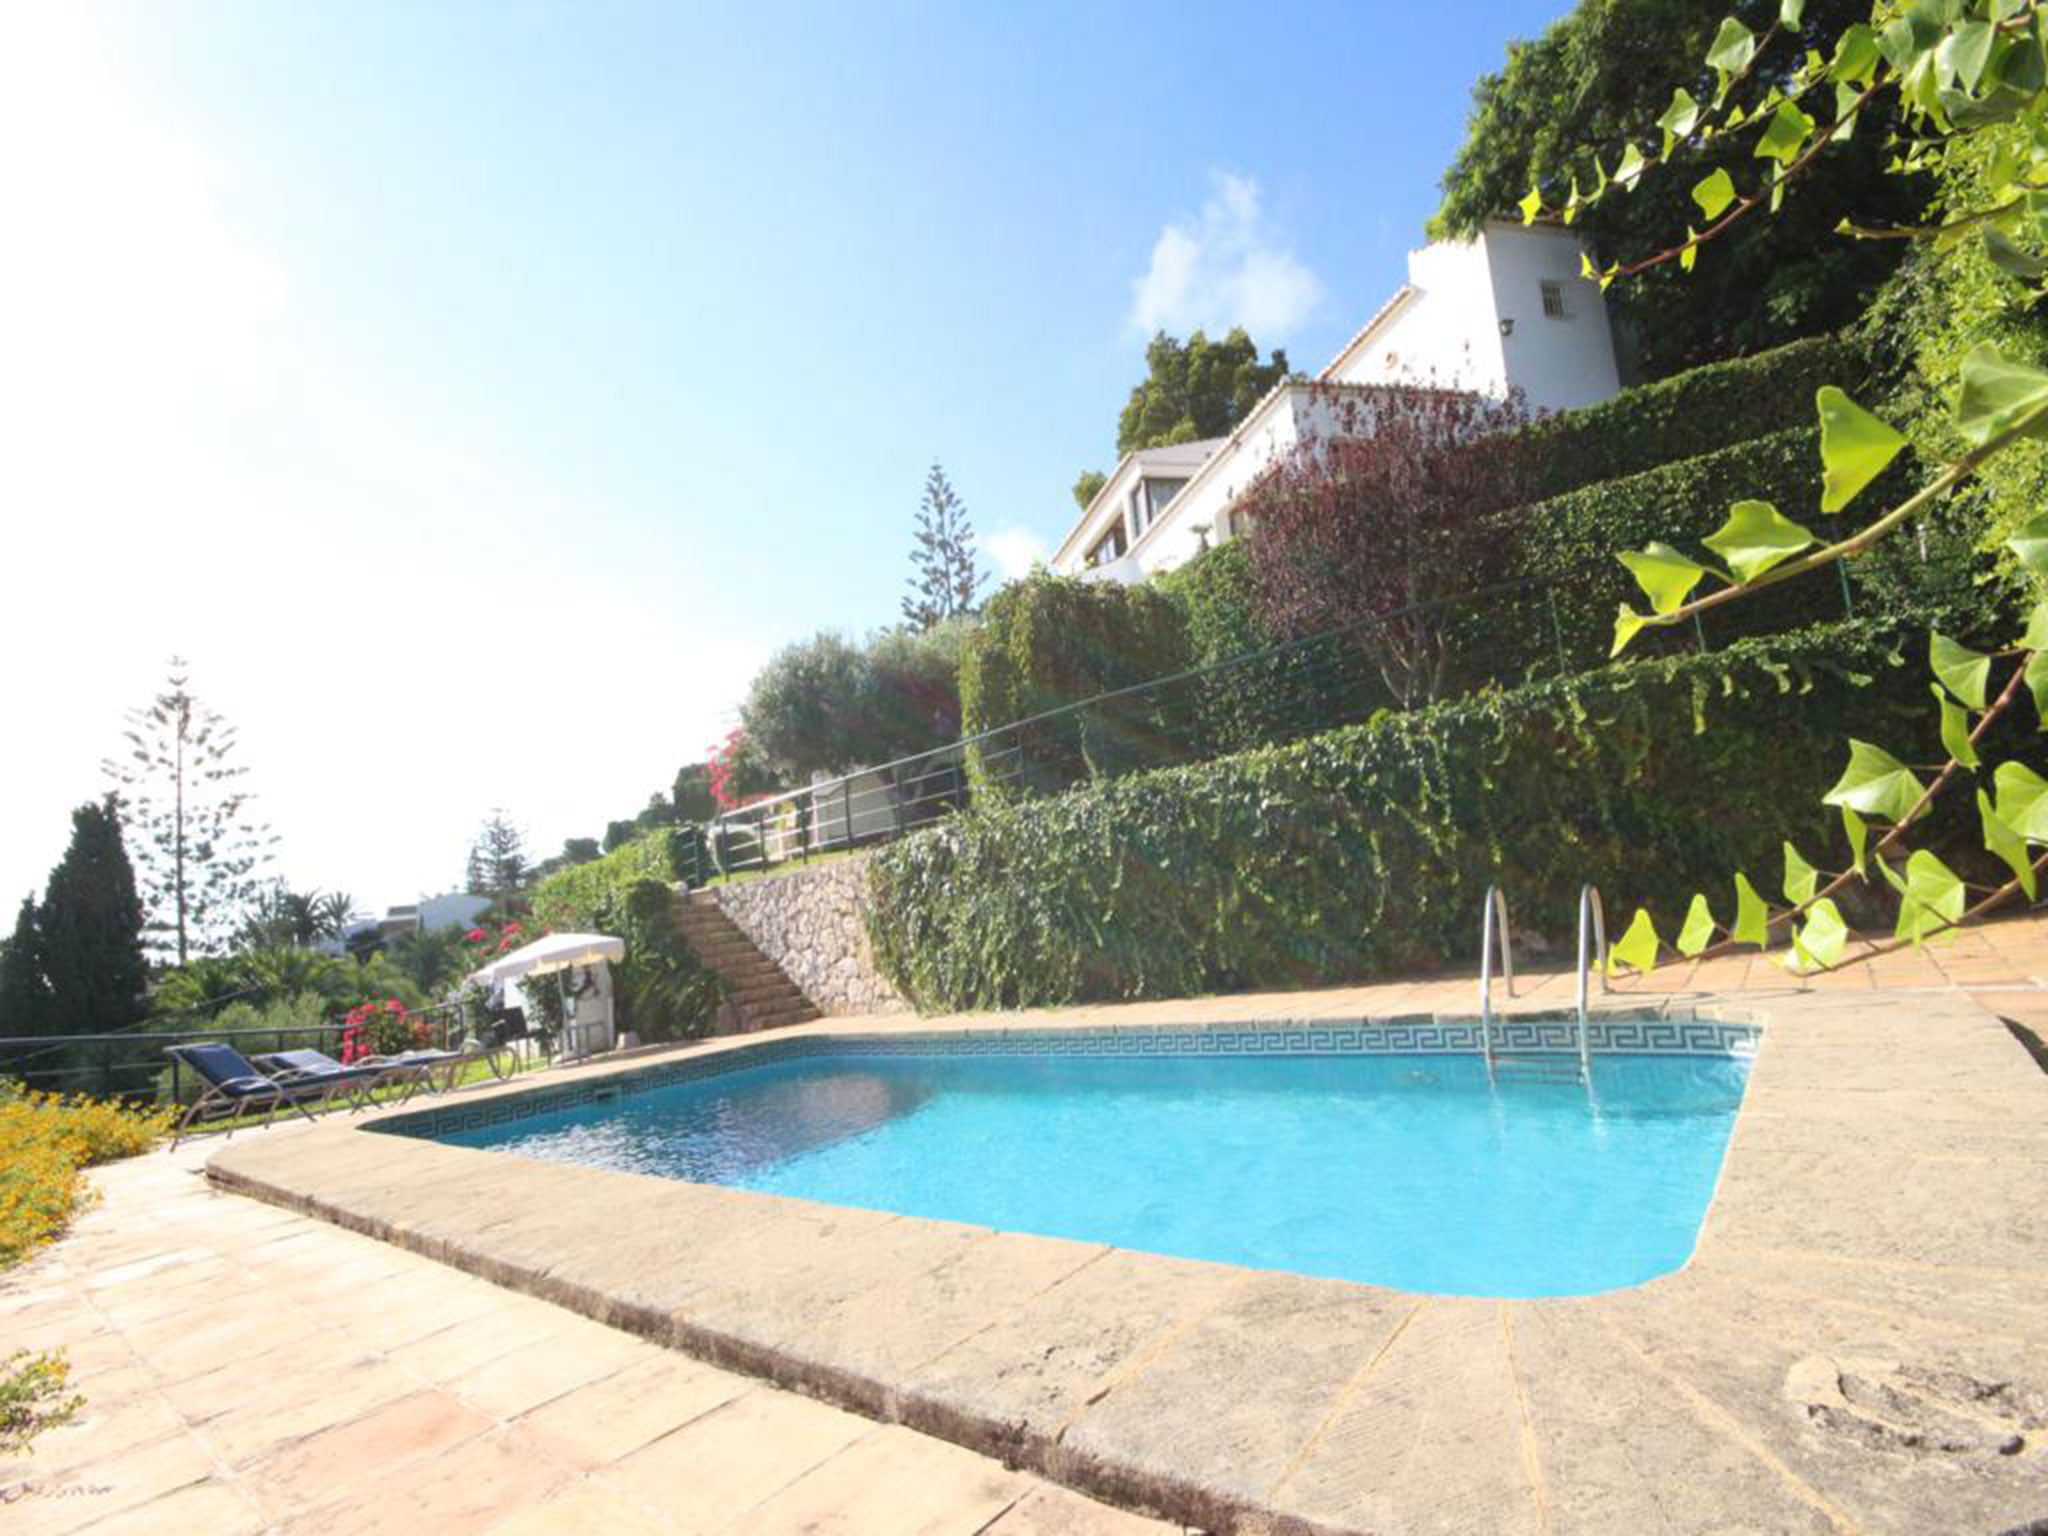 Piscina y jardín en una villa en venta en El Tosalet en Jávea – Atina Inmobiliaria